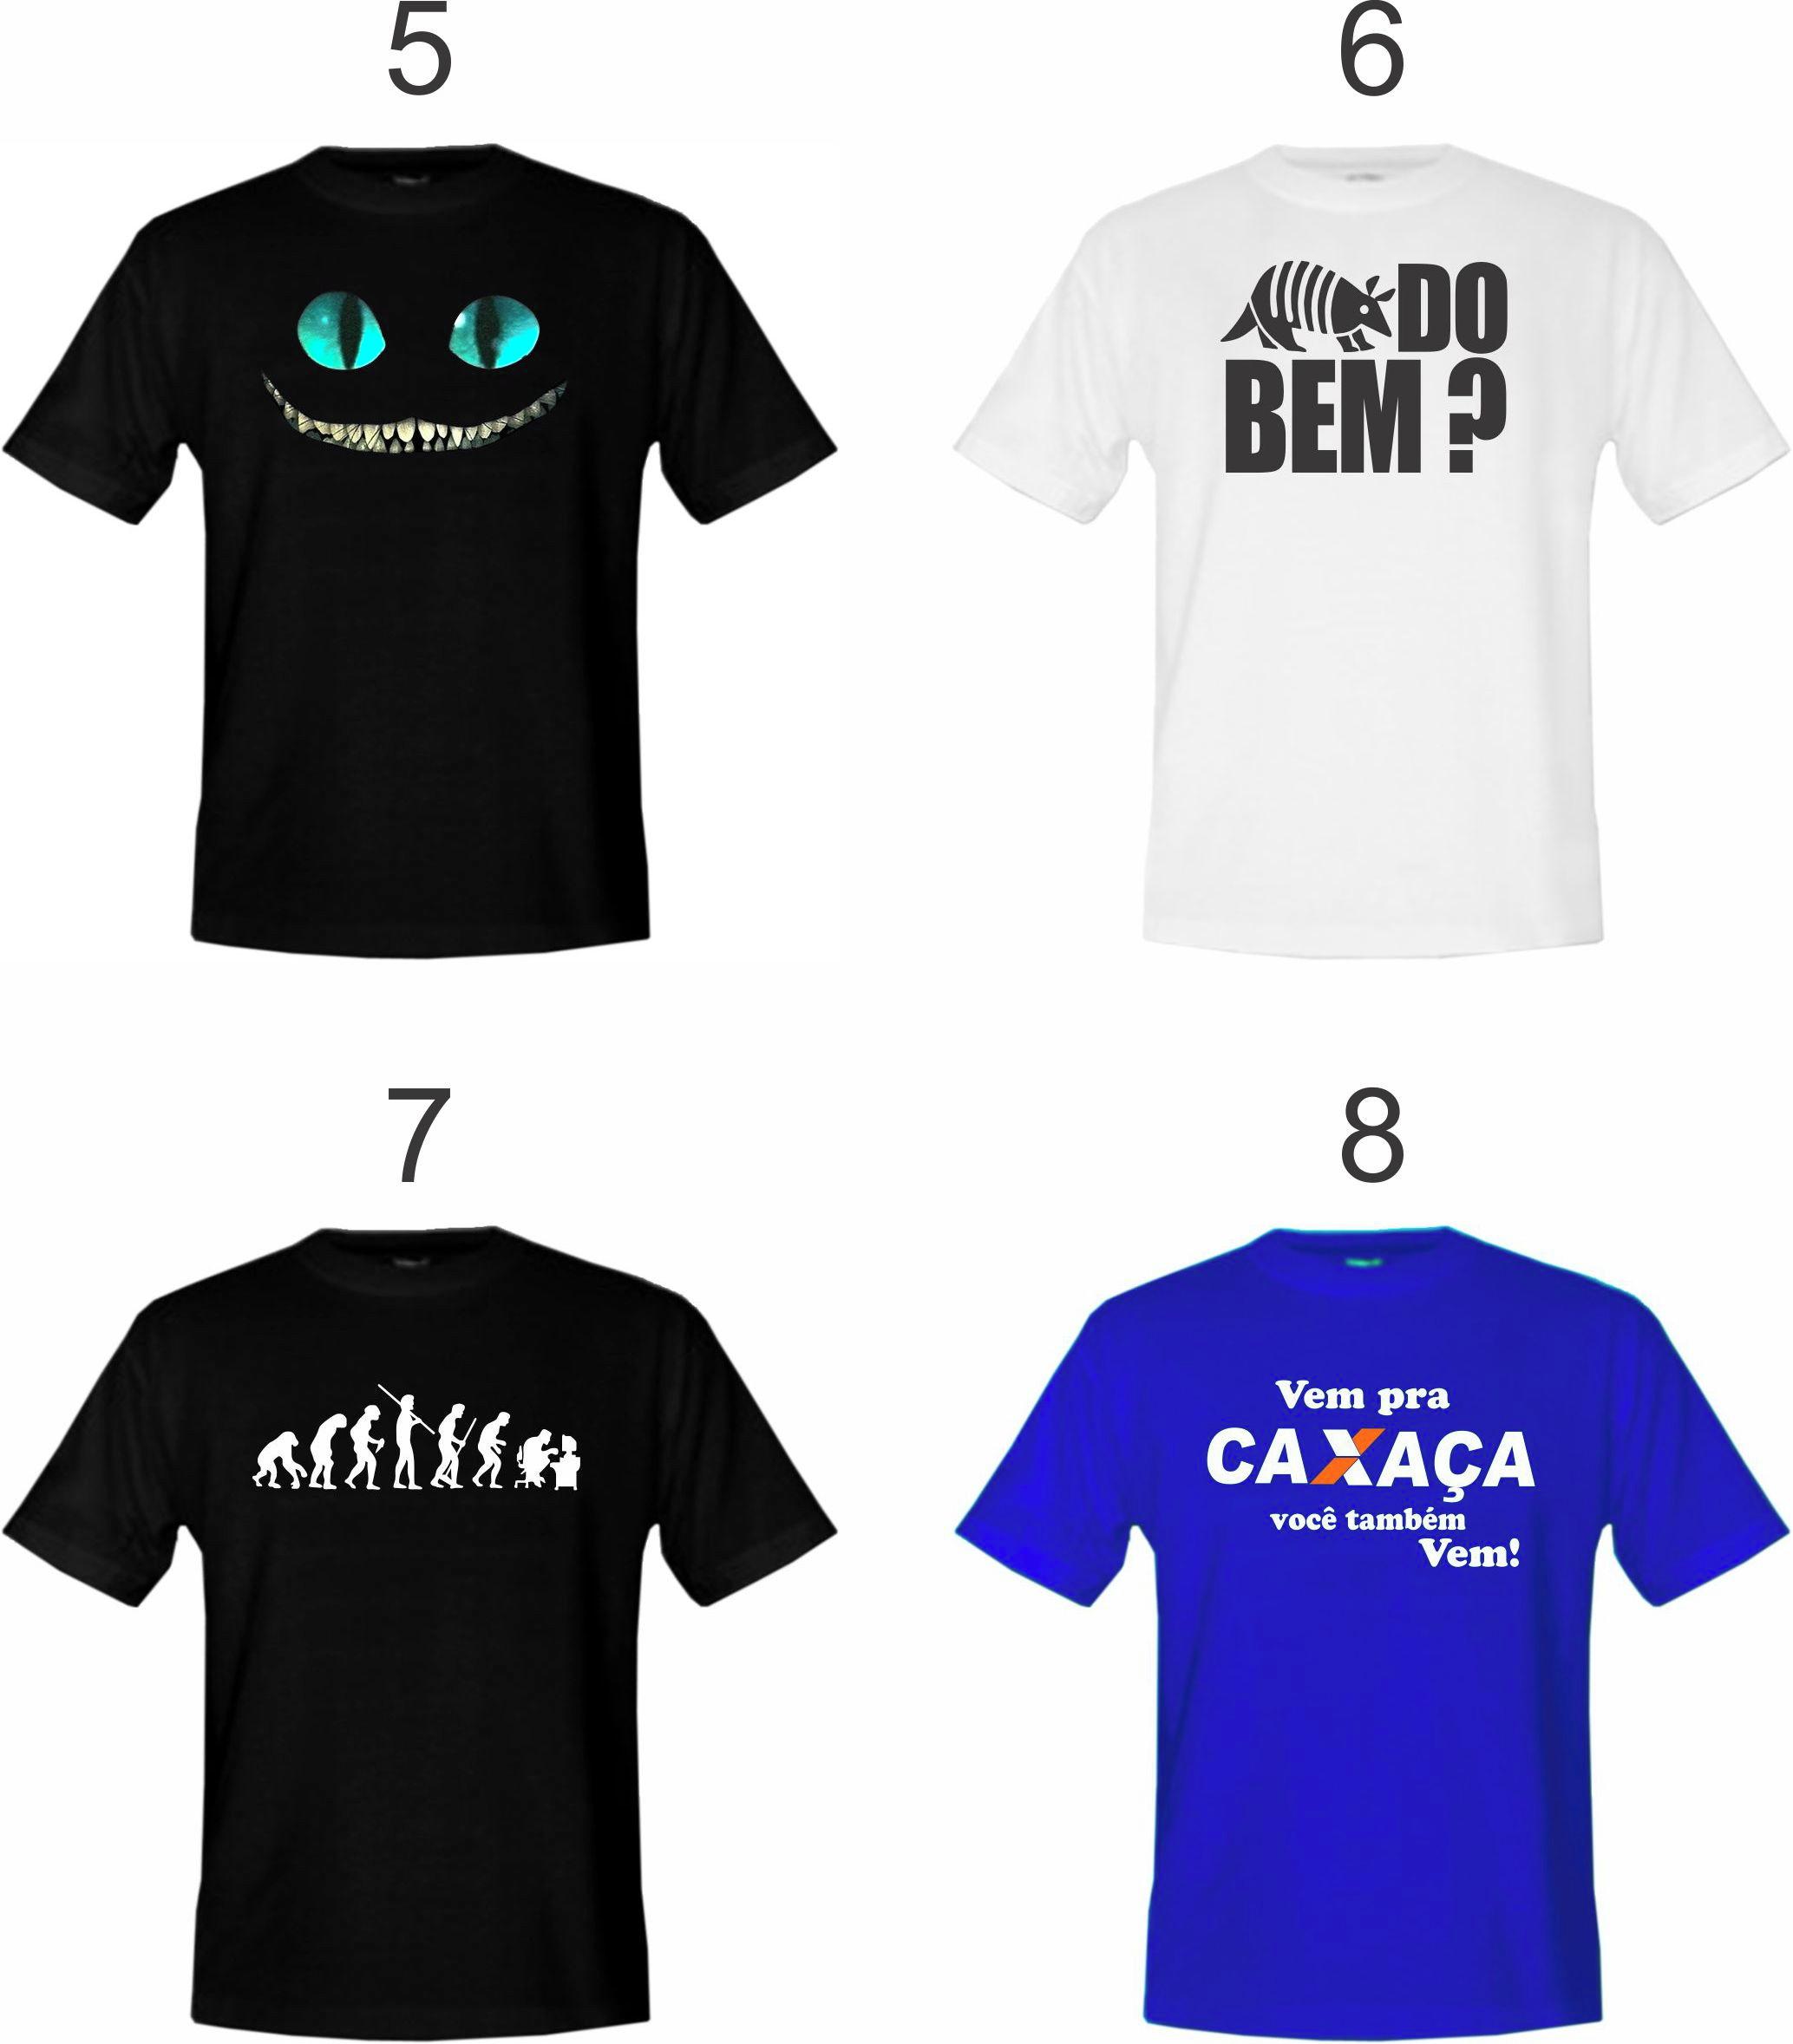 86ada5022c8f8 Kit 3 Camisetas Adulto Vários Modelos - Escolha Já A Sua ! no Elo7 ...